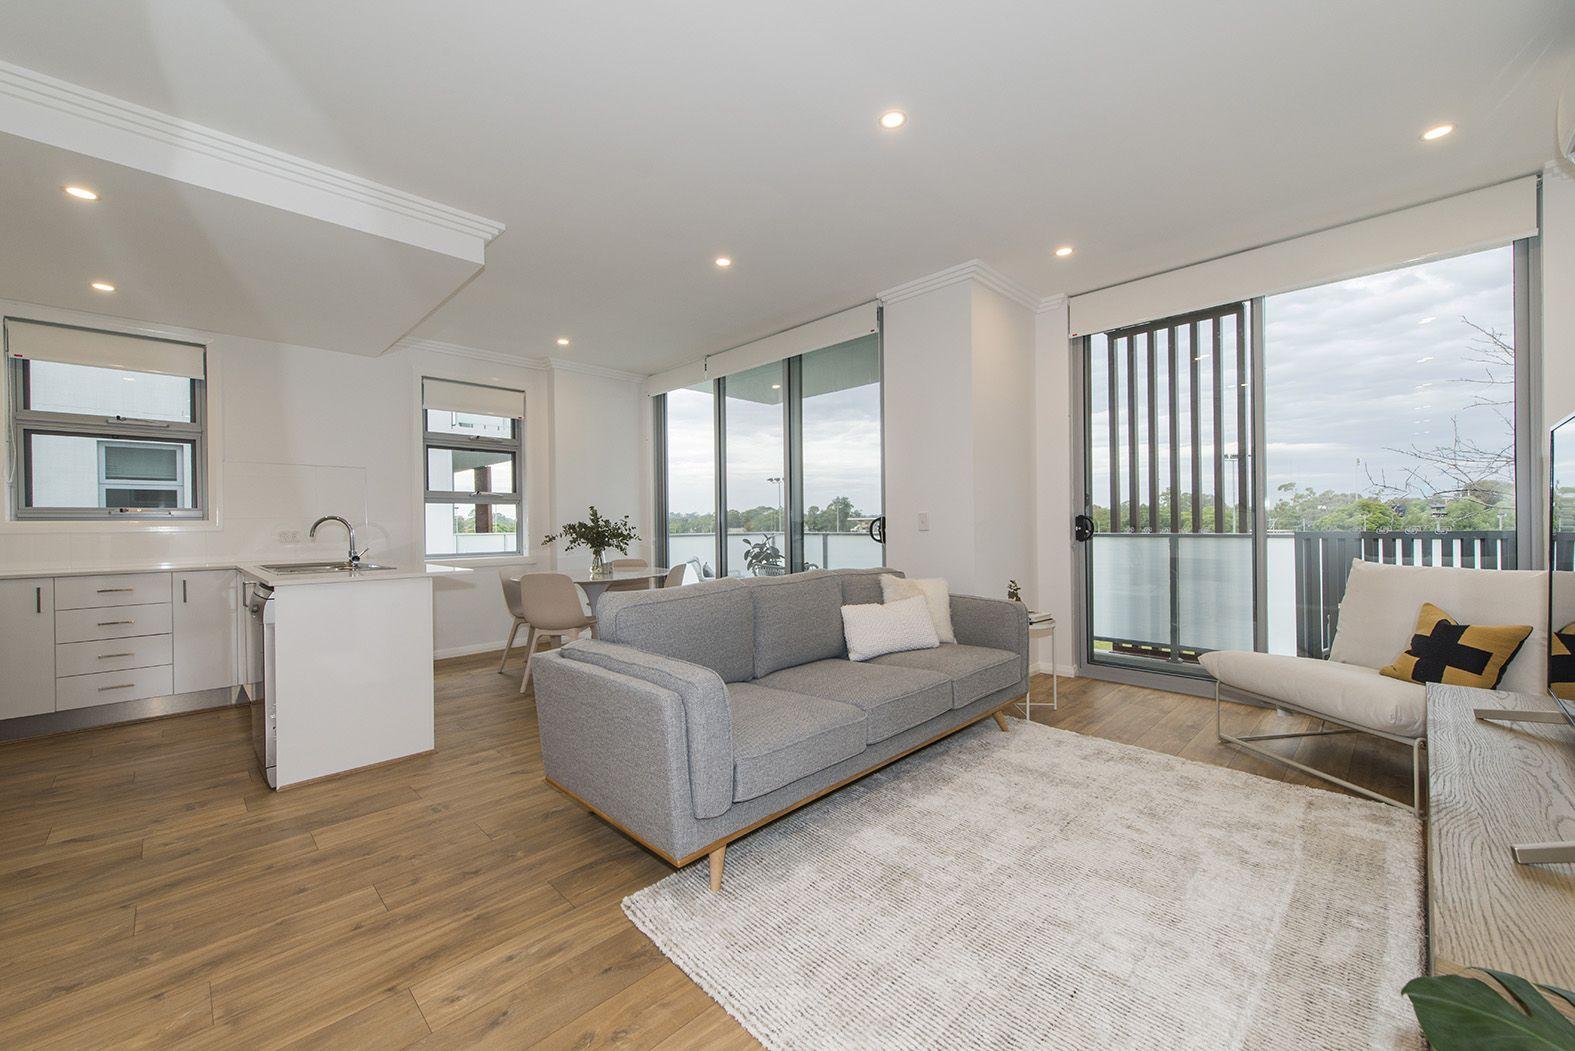 50-54 Rodley Avenue, Penrith NSW 2750, Image 1